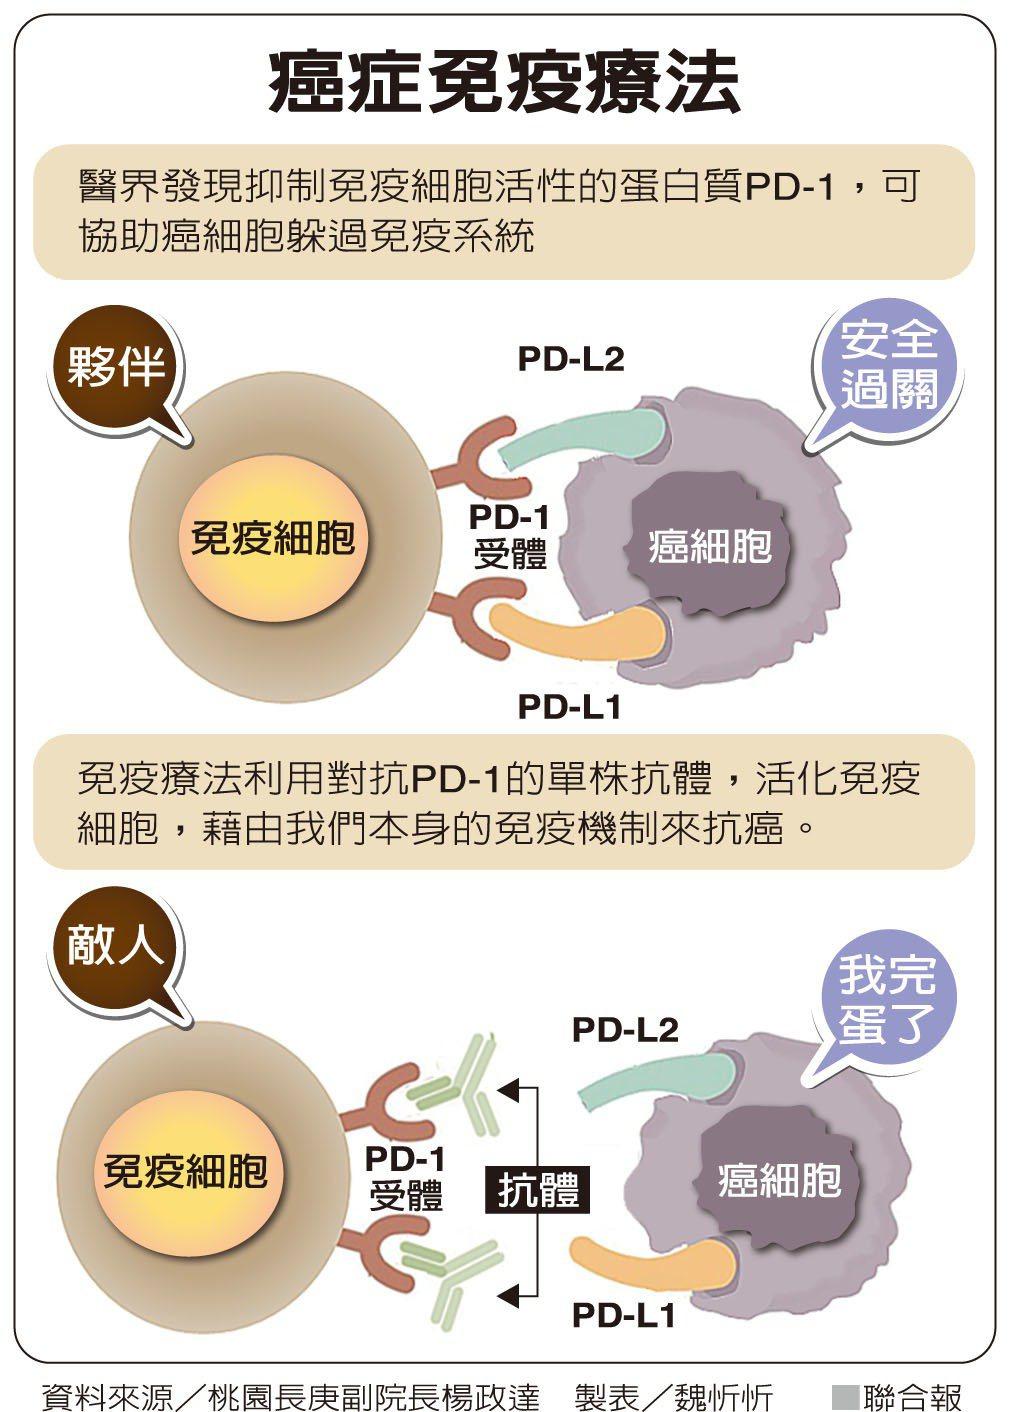 癌症免疫療法 資料來源/桃園長庚副院長楊政達 製表/魏忻忻